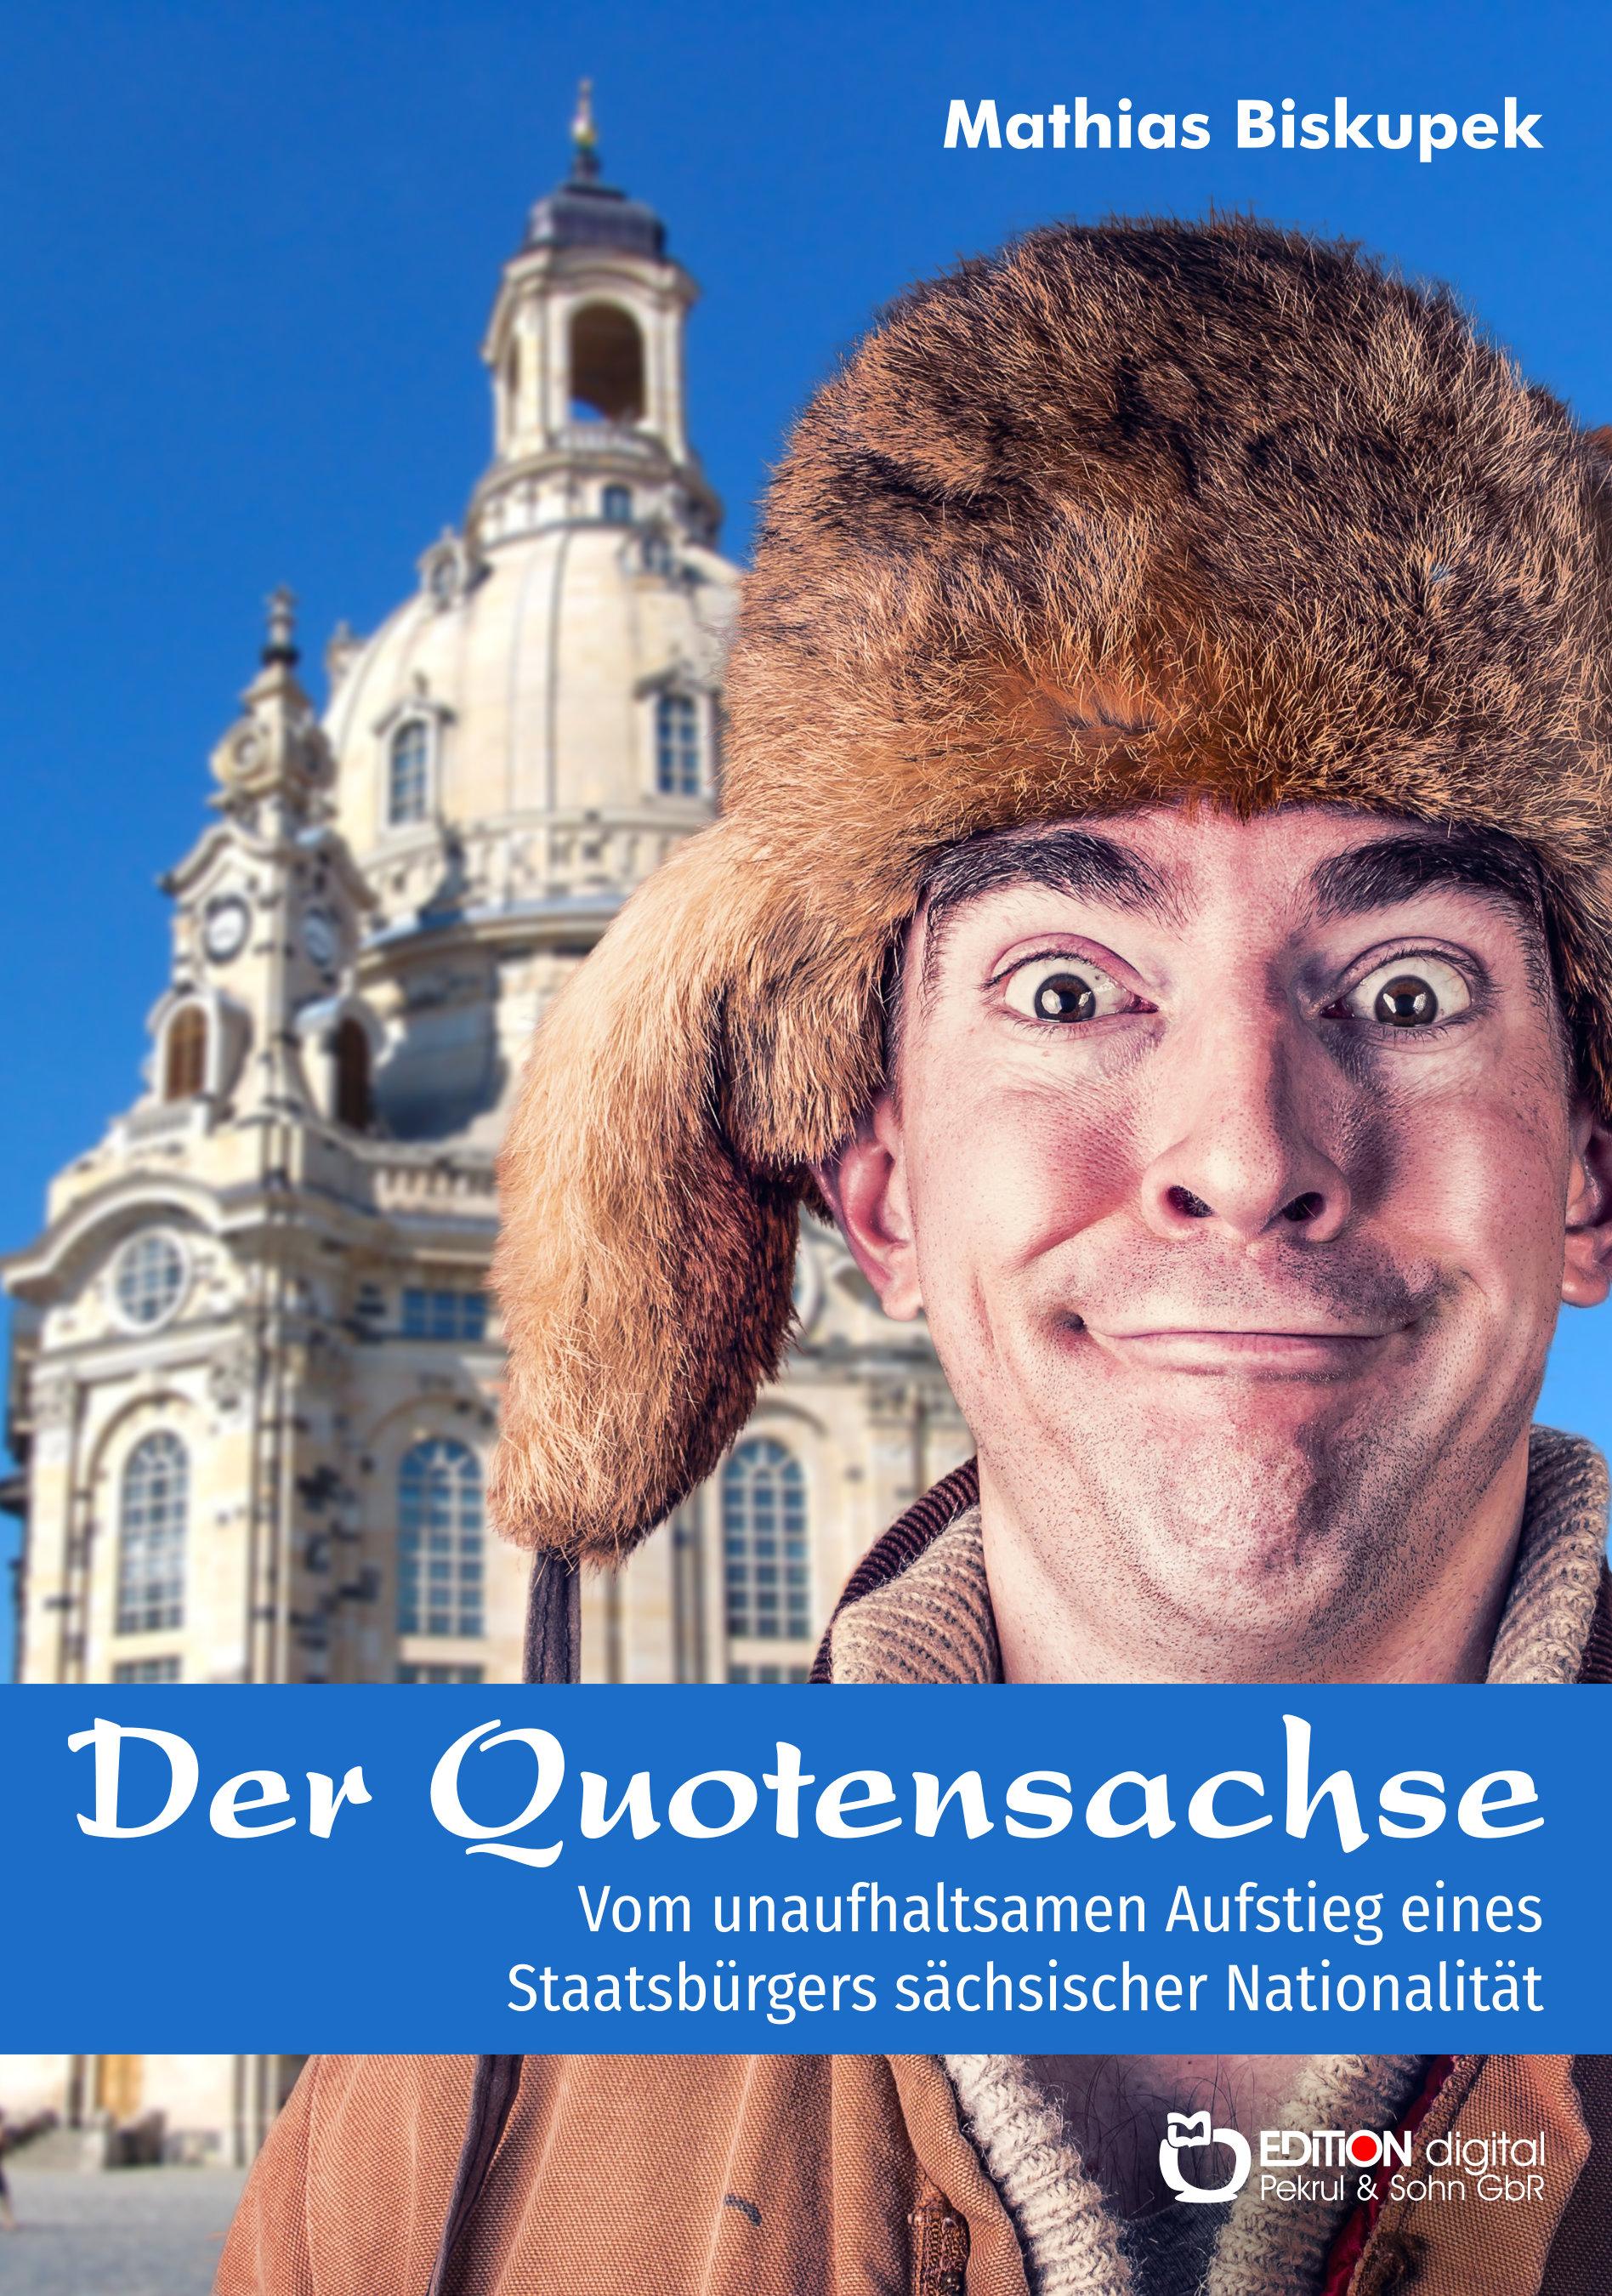 Der Quotensachse. Vom unaufhaltsamen Aufstieg eines Staatsbürgers sächsischer Nationalität von Matthias Biskupek